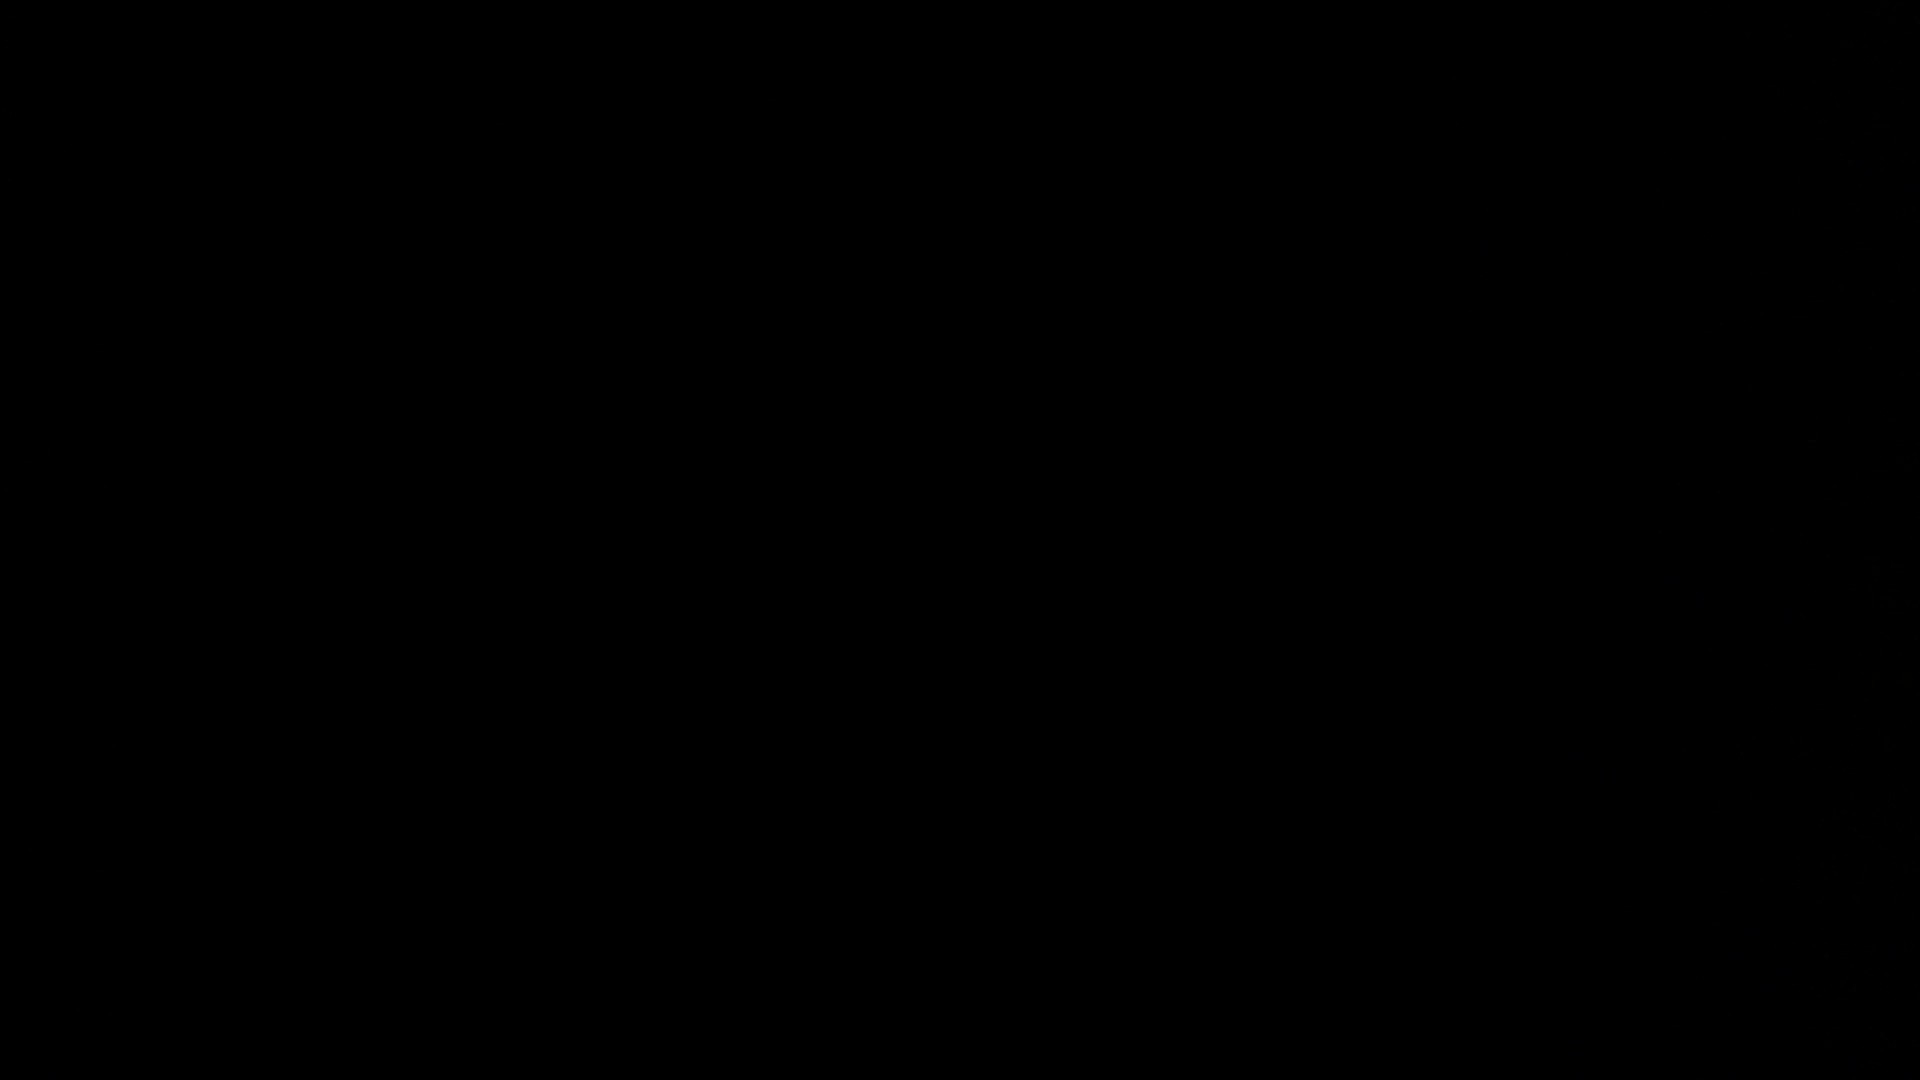 ゆめかわ男子のゆめかわオナニージャニーズ編vol.09 男天国 | 人気シリーズ  52pic 14